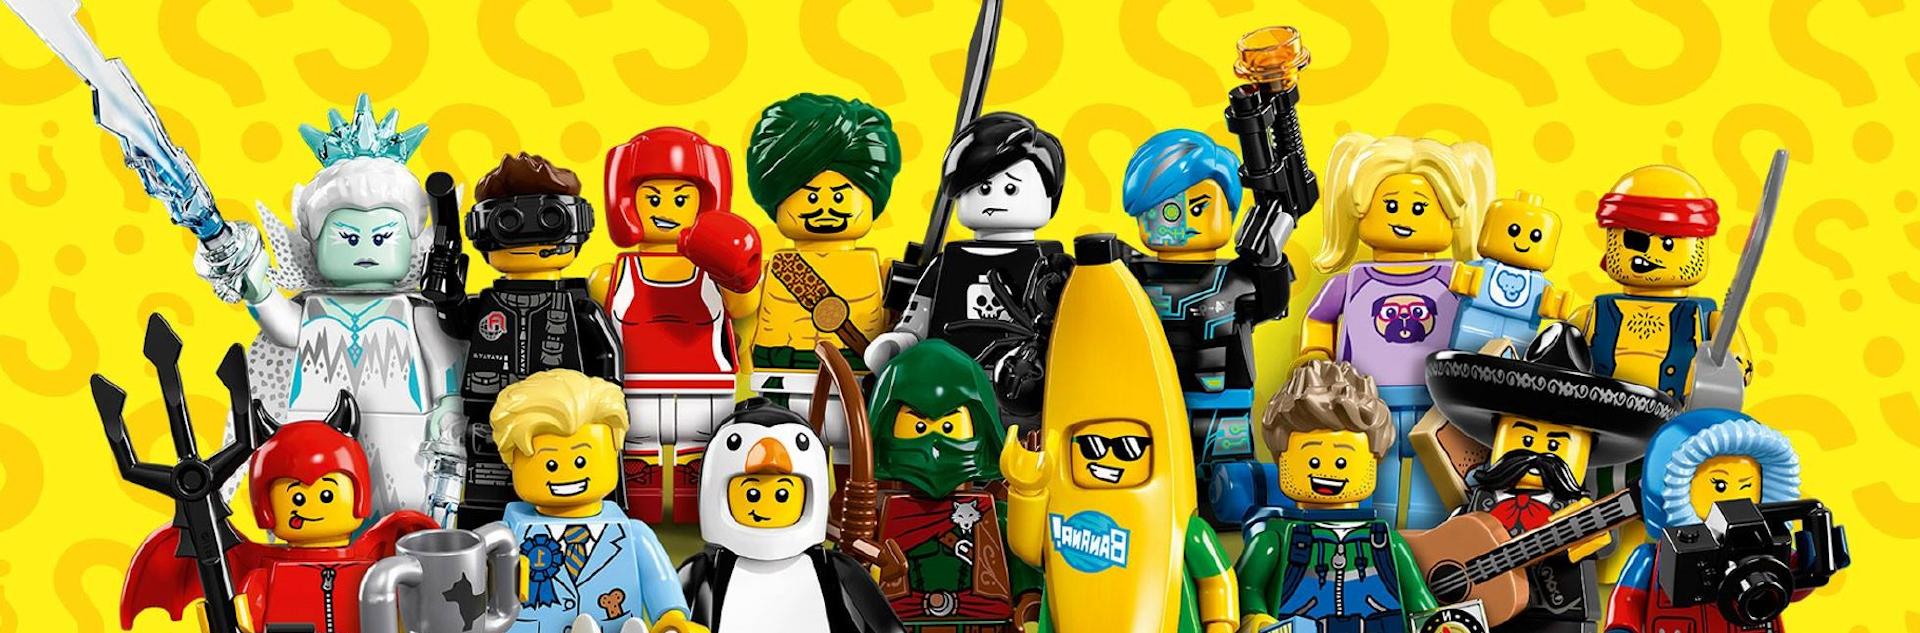 Lego: La historia que debes conocer